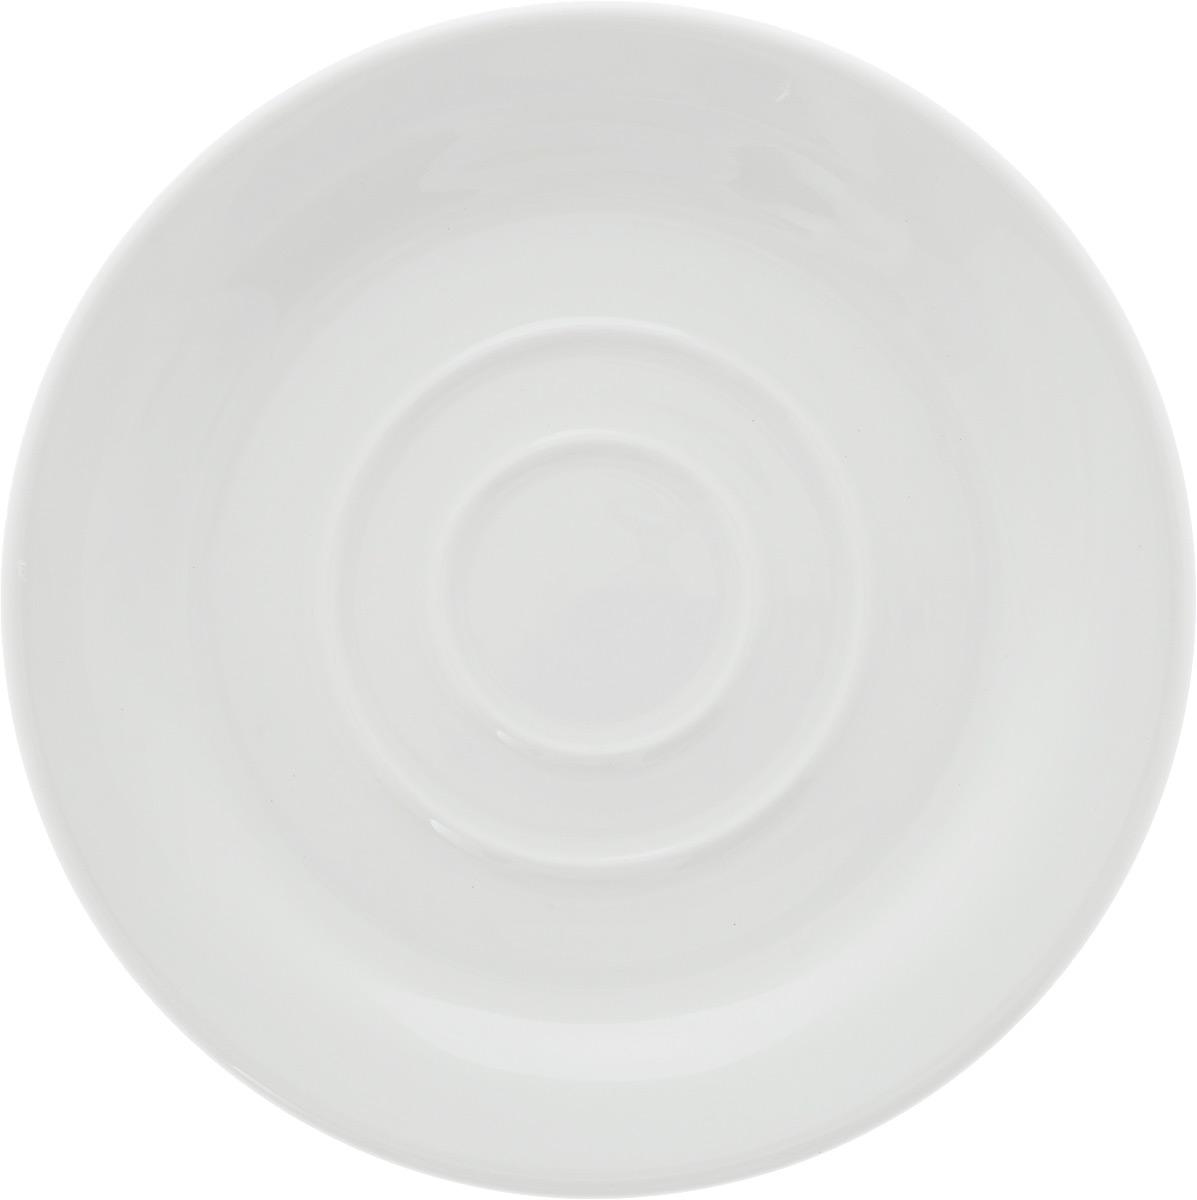 Блюдце Ariane Прайм, для кружки 400 мл, диаметр 16 см115510Блюдце Ariane Прайм выполнено из первоклассного фарфора в однотонном классическом дизайне. Фарфор Ariane, сделанный из высококачественного сырья, способен выдерживать любые интенсивные нагрузки и использование в индустрии общественного питания, которое известно своими высокими стандартами качества. Уникальный состав сырья, новейшие технологии и контроль качества гарантируют: - снижение риска сколов, - повышение термической и механической прочности, - высокую сопротивляемость шоковым воздействиям, - высокую устойчивость к истиранию, - устойчивость к царапинам, - возможность использования в духовых, микроволновых печах и посудомоечных машинах без потери внешнего вида, - гладкий и блестящий внешний вид, - абсолютную функциональность, - относительную безопасность в случае боя, защиту от деформации.